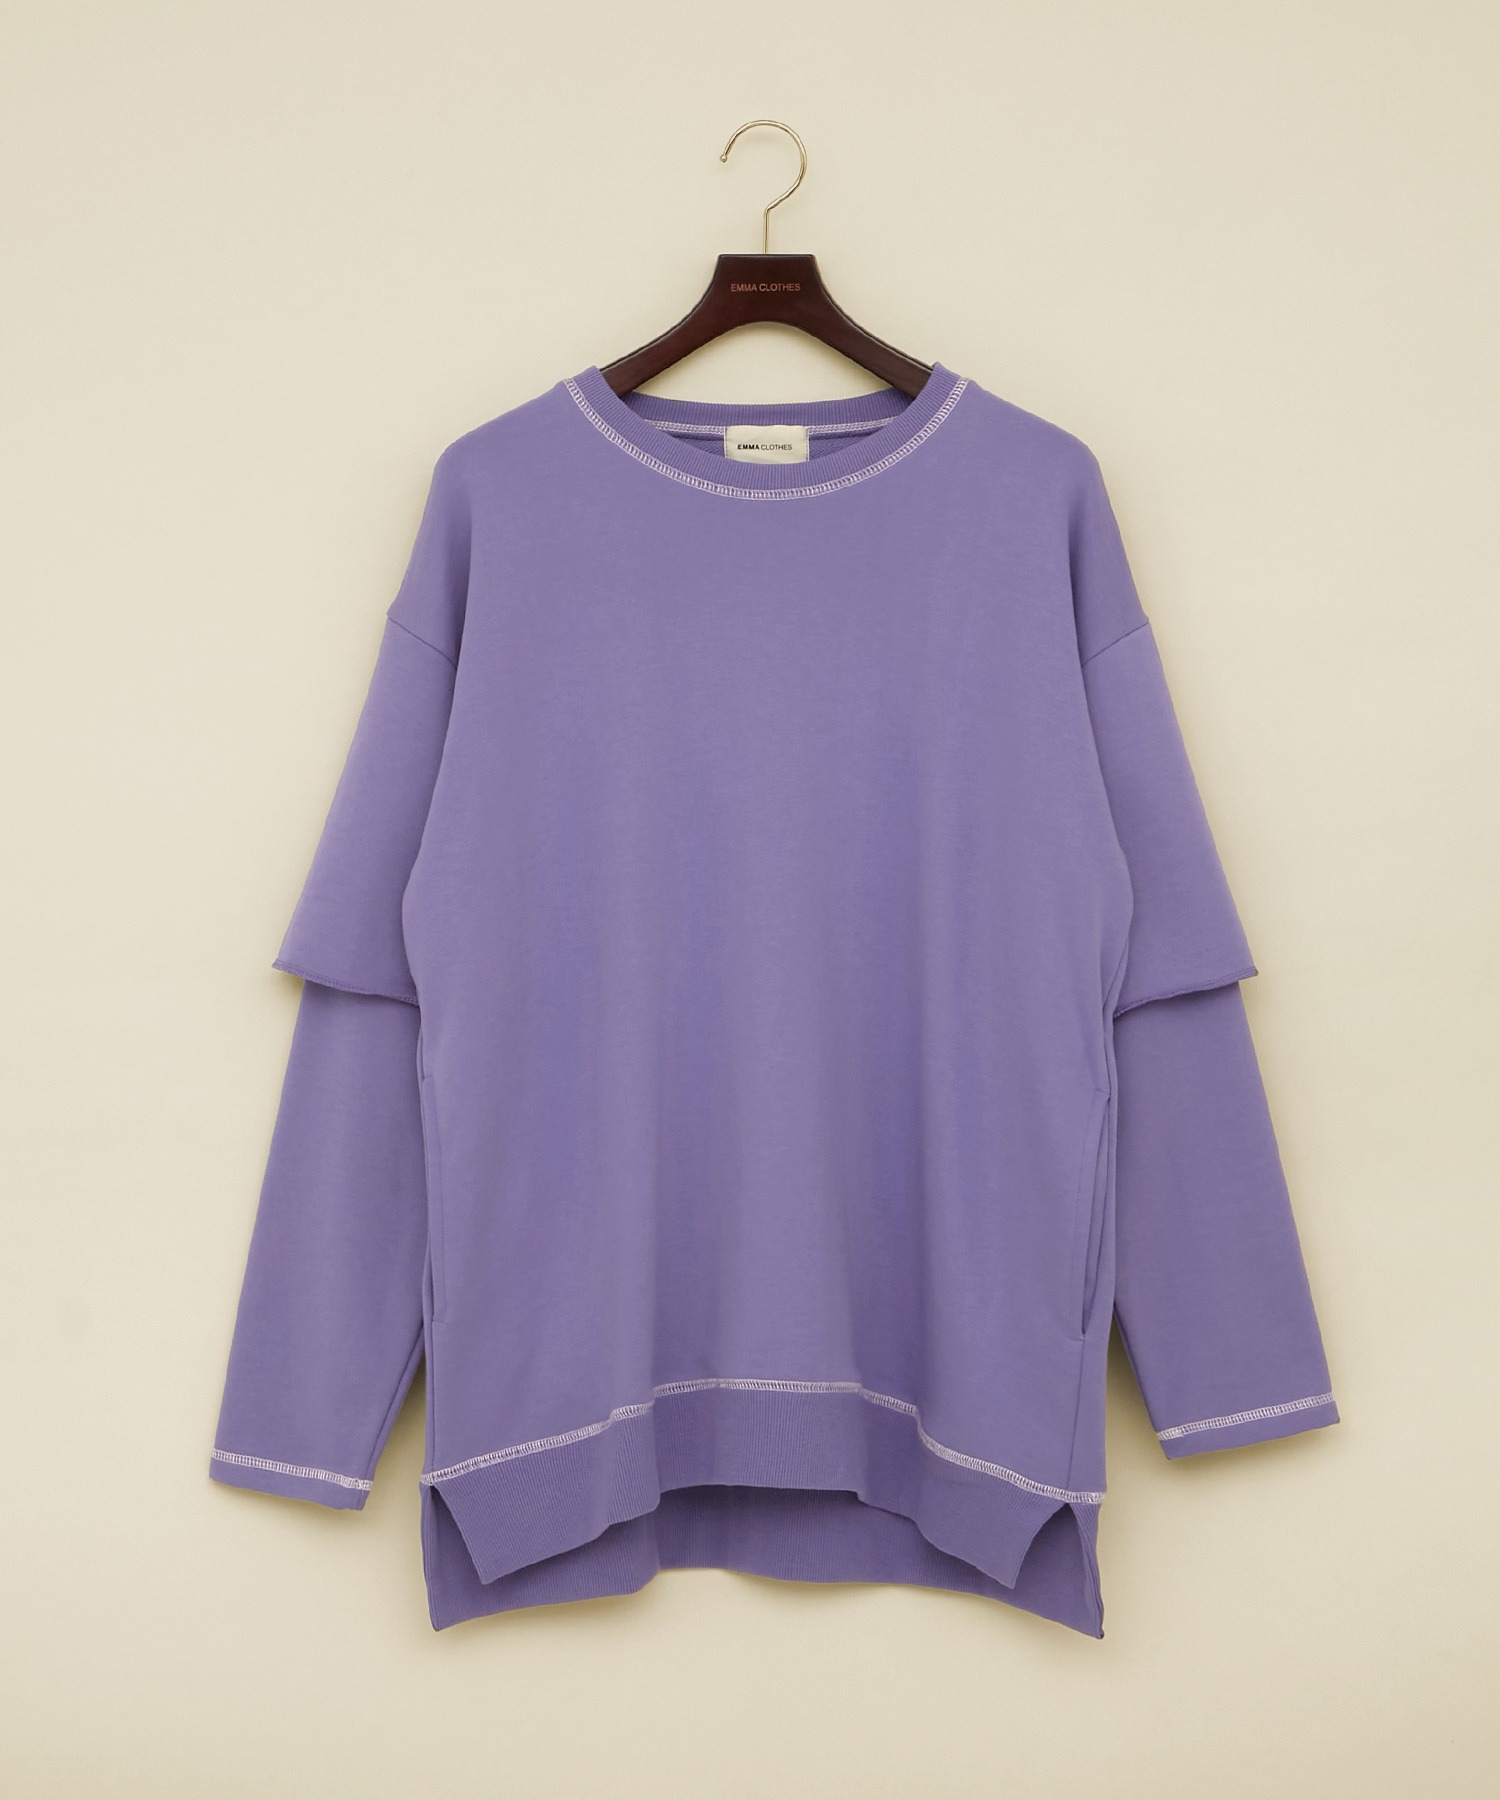 ビッグシルエット杉綾裏毛レイヤードステッチデザインプルオーバースウェット(EMMA CLOTHES)